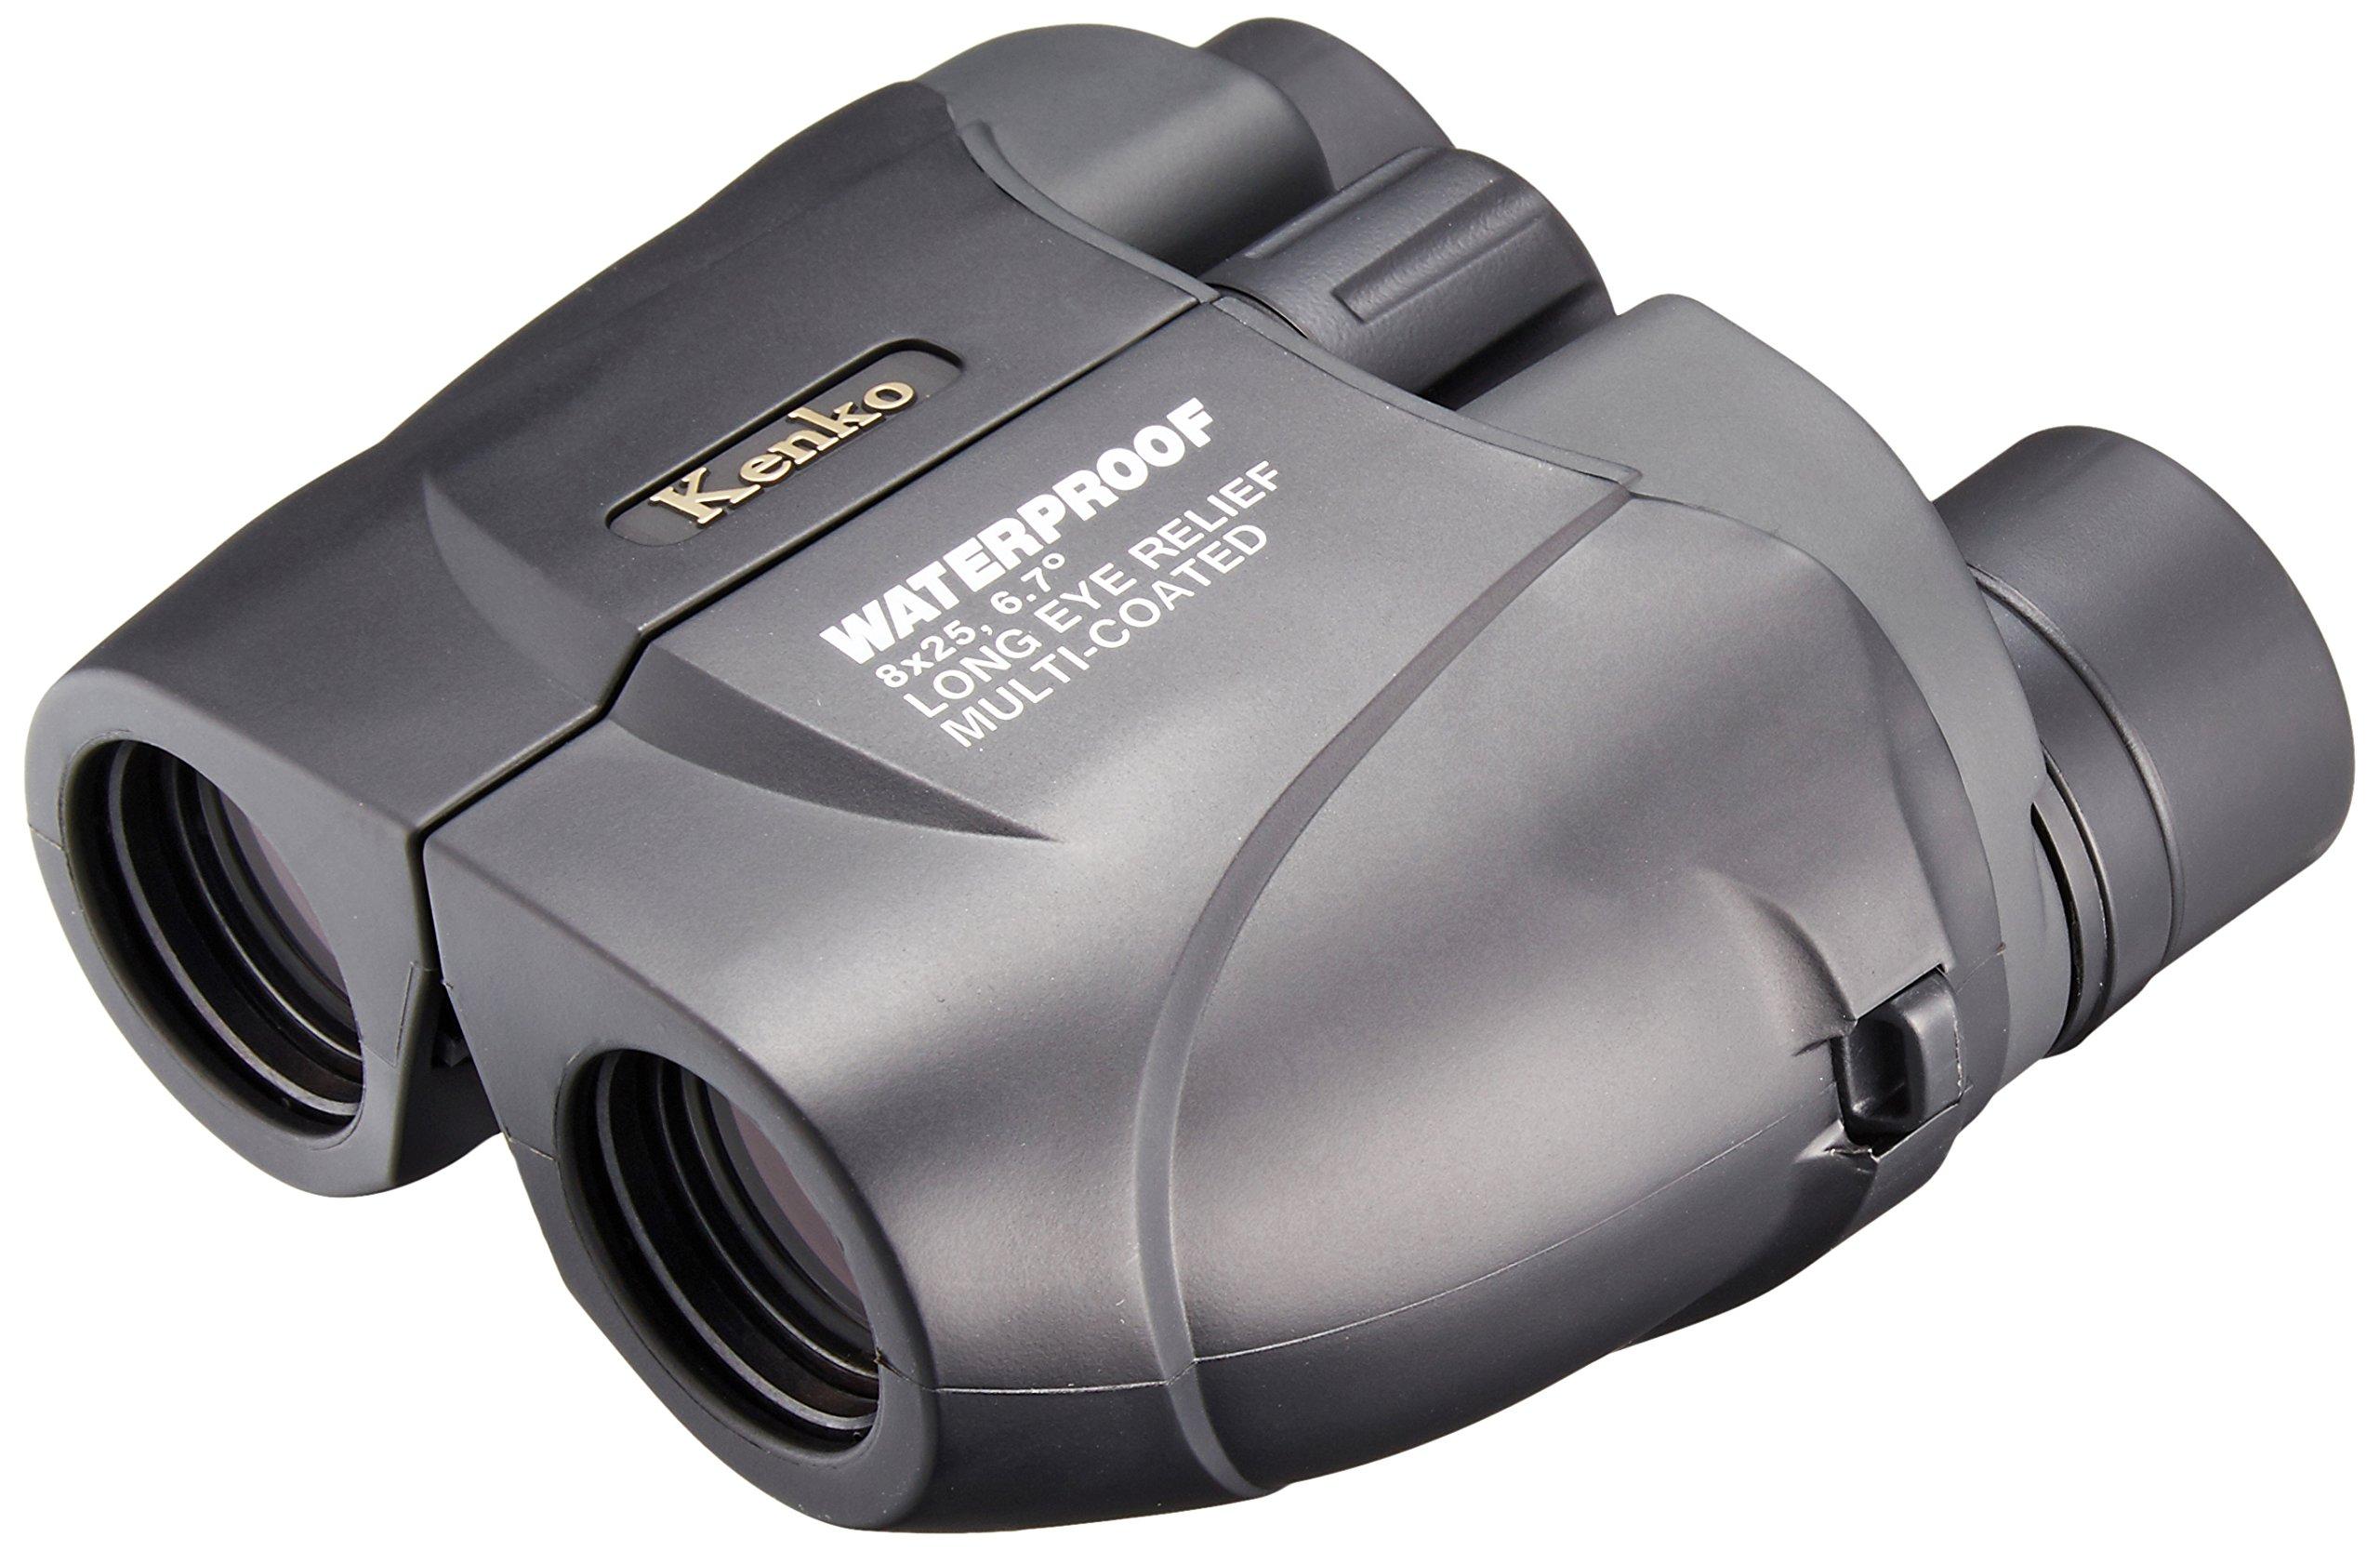 Kenko Binoculars NewSG New 8x25 SGWP - Waterproof by Kenko